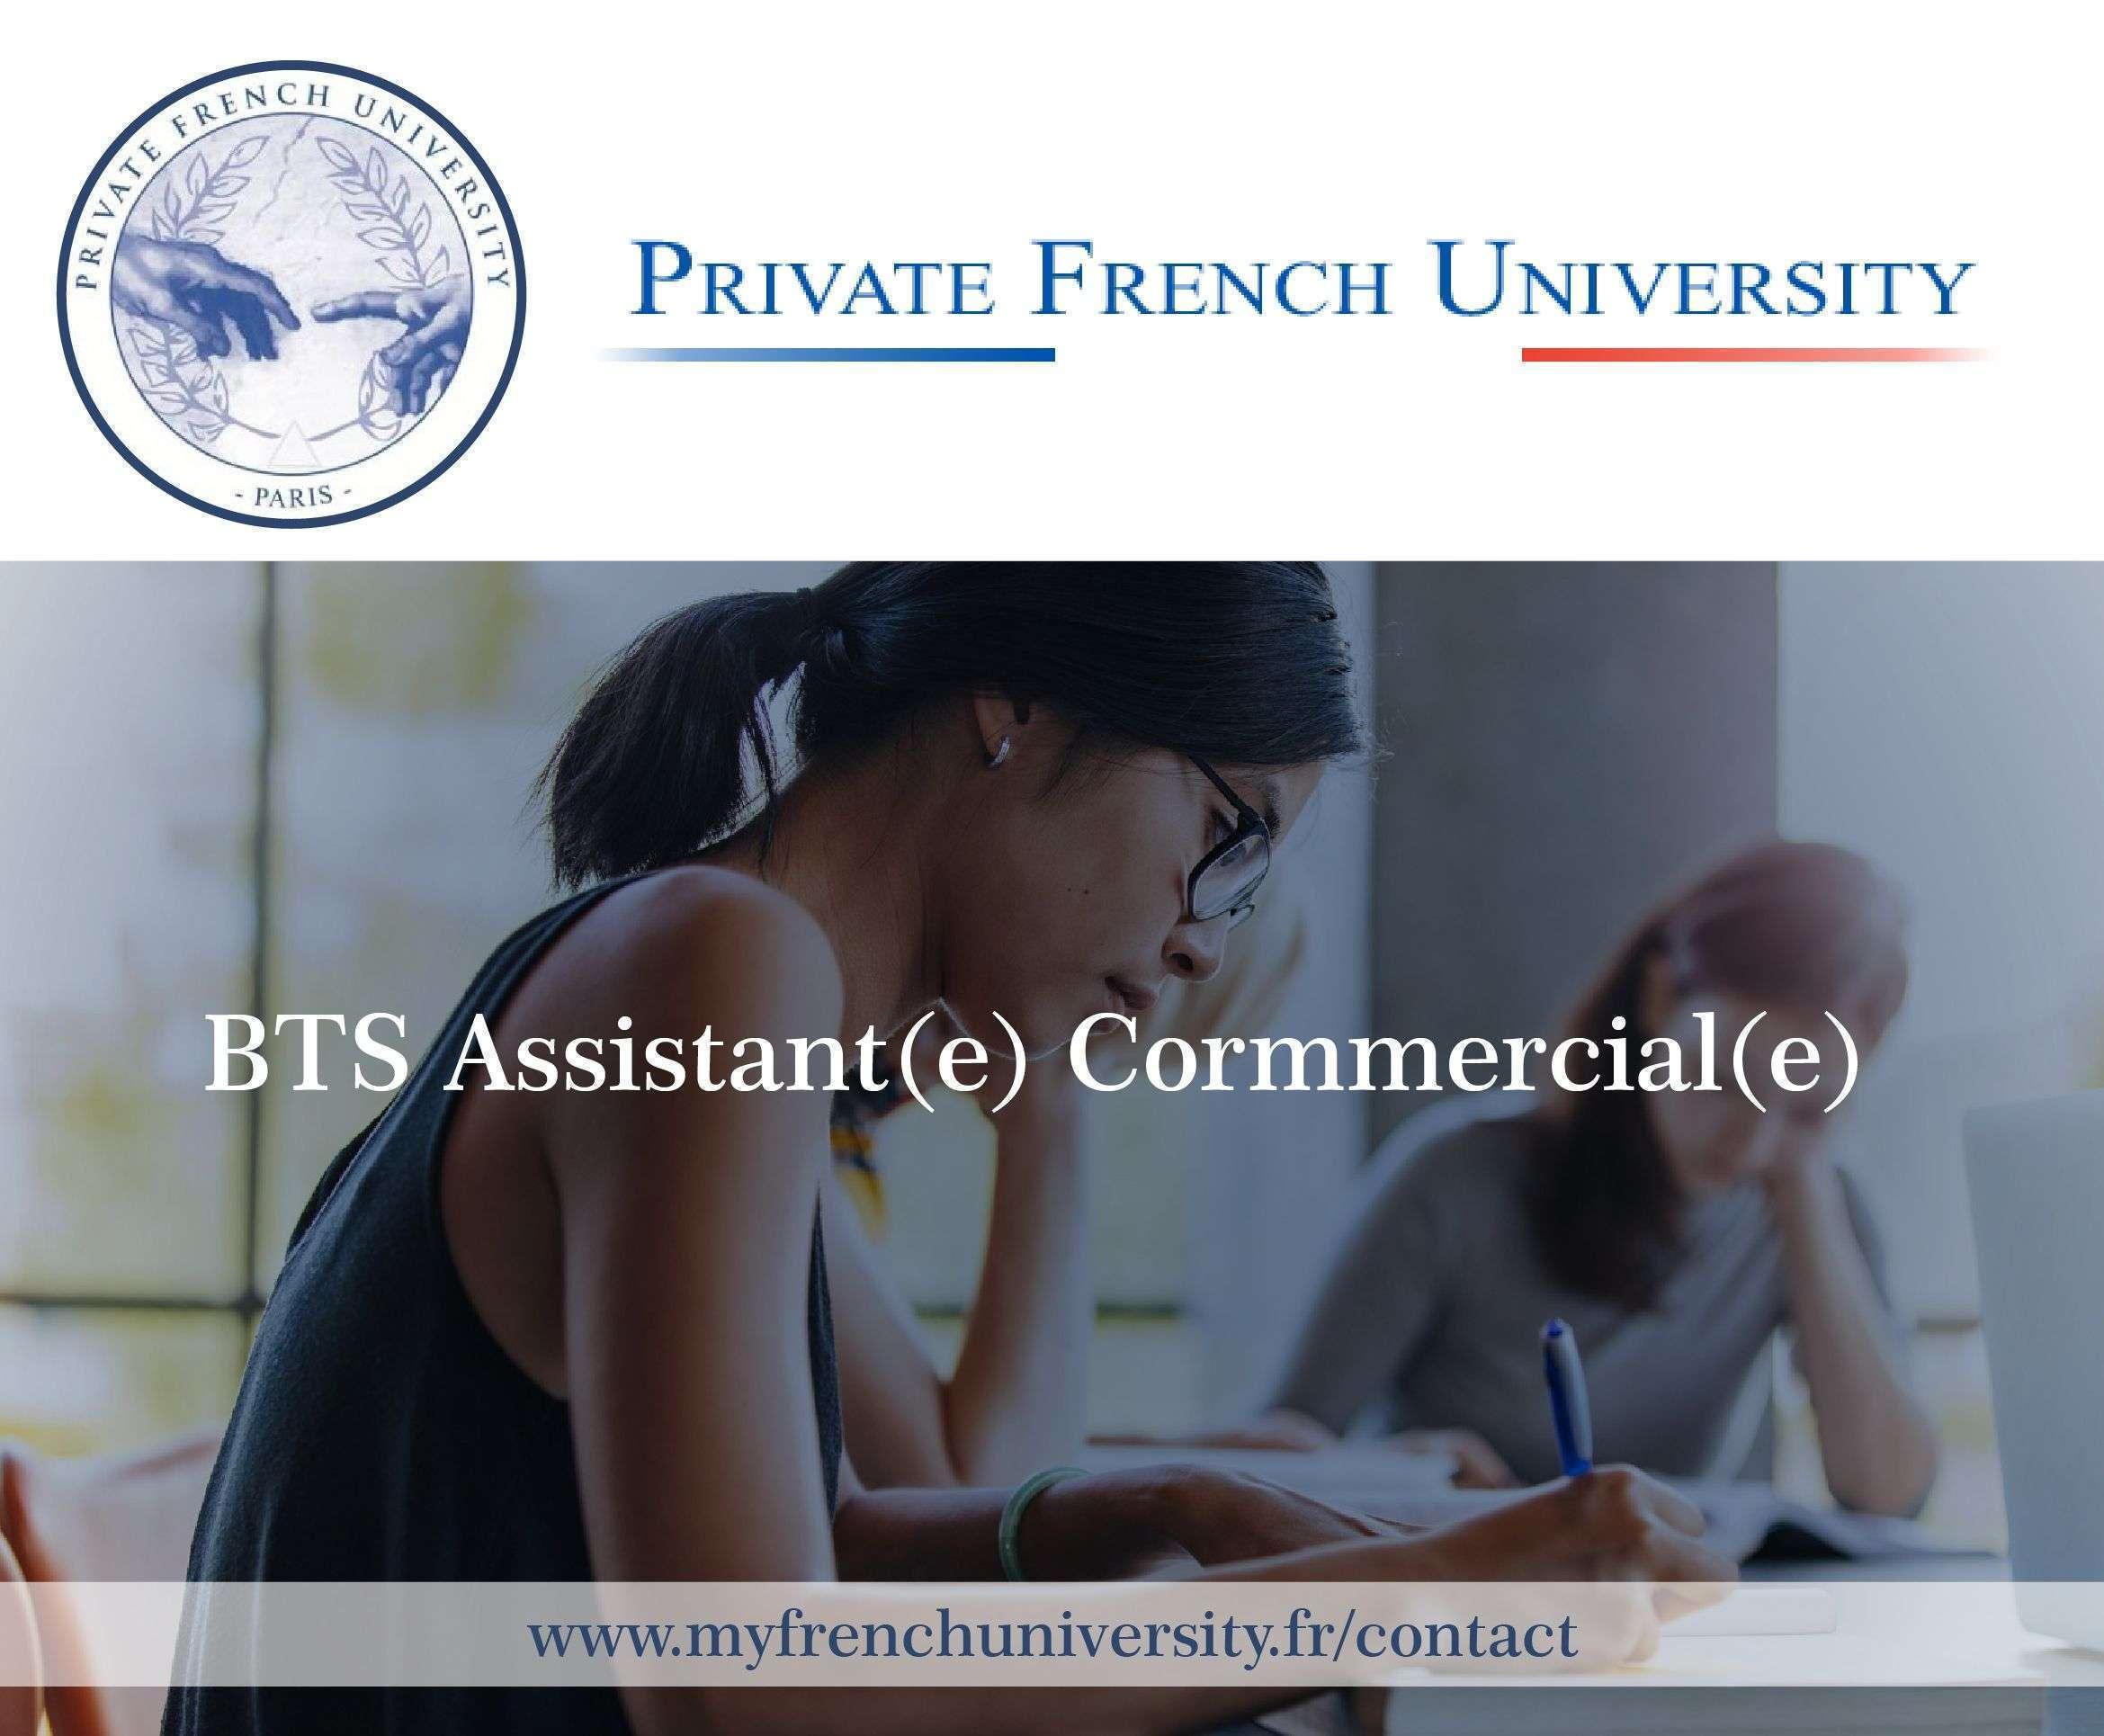 BTS Assistant(e) Cormmercial(e)